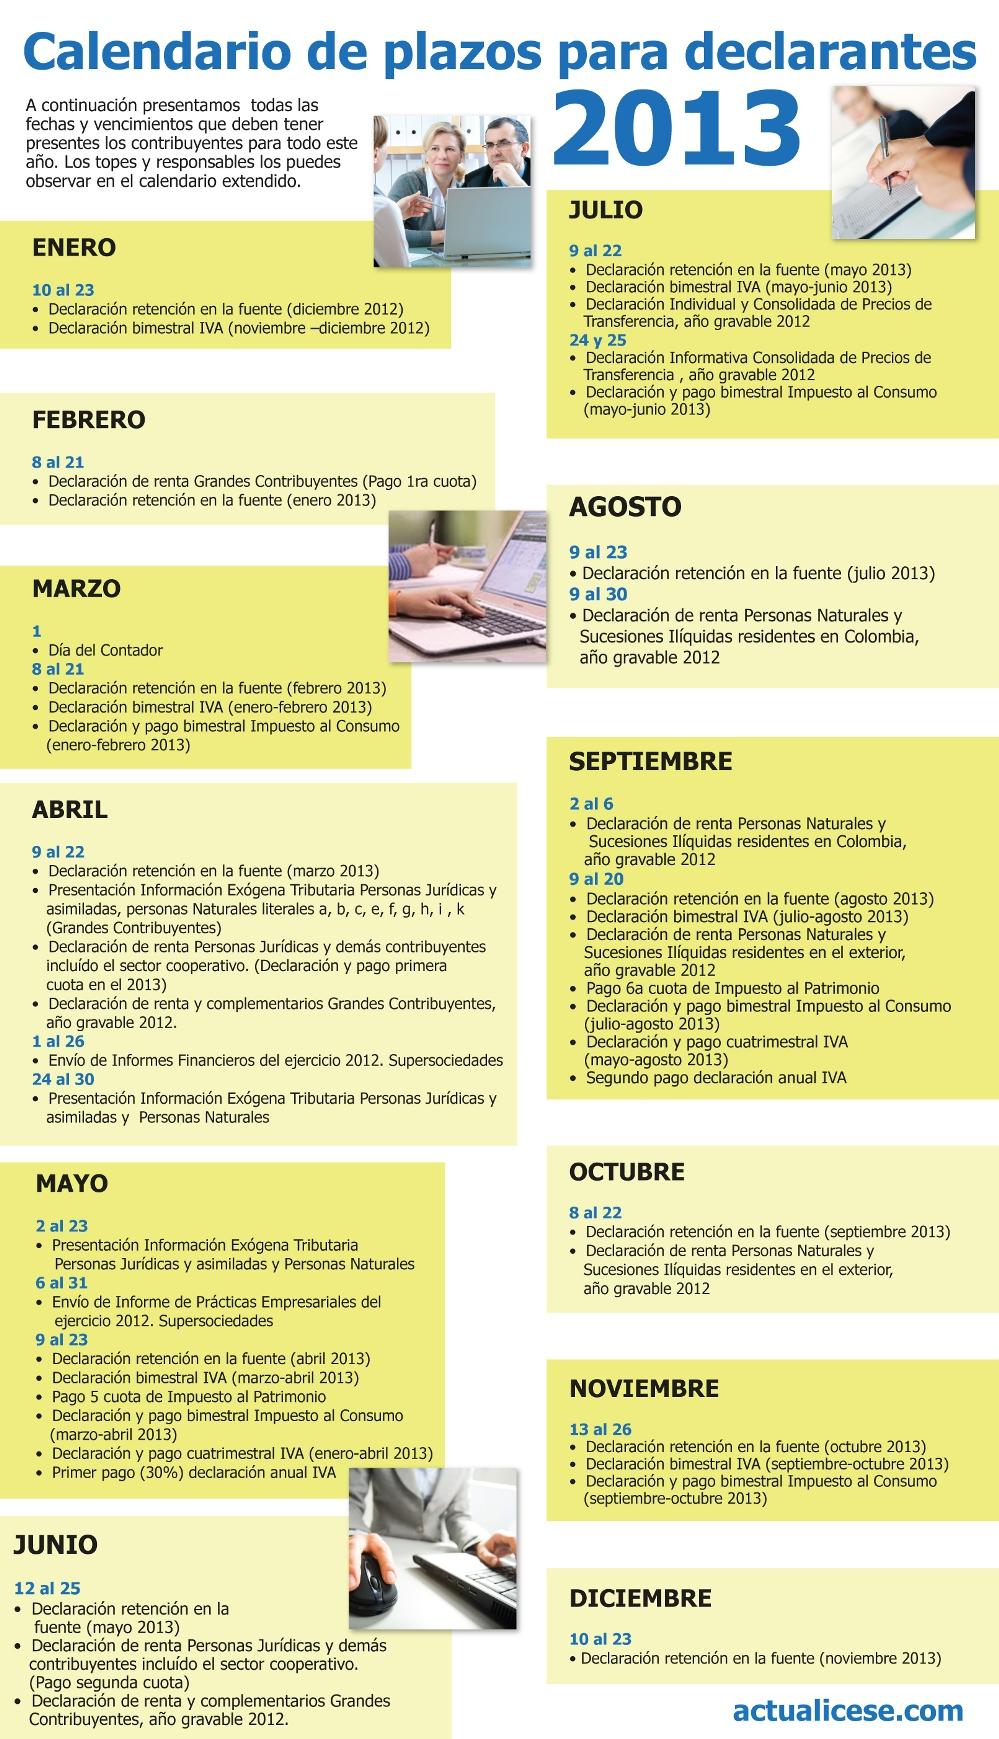 [Infografía] Calendario de plazos para declarantes 2013